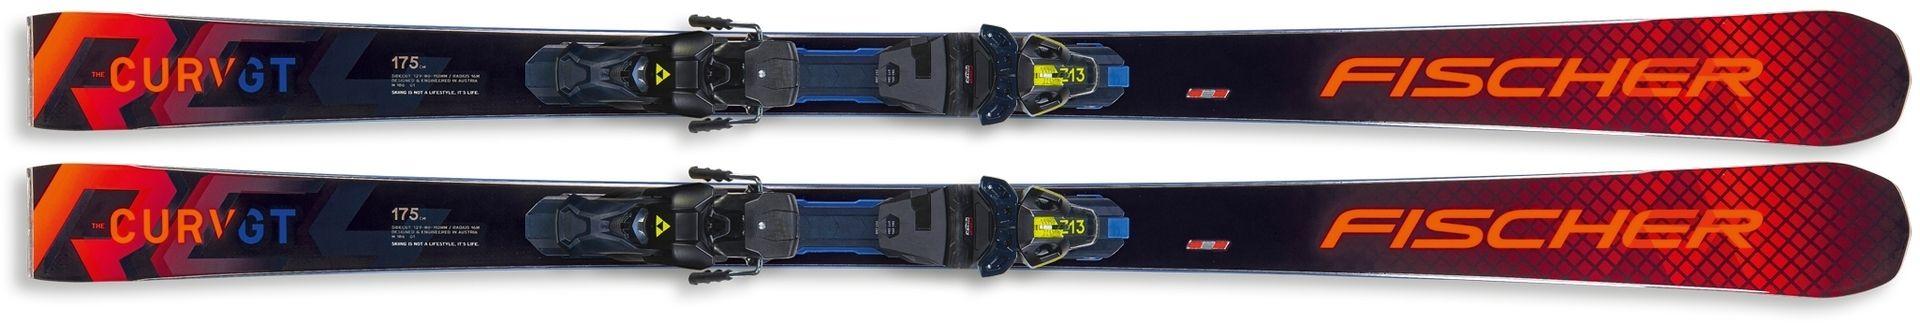 RC4 THE CURV GT